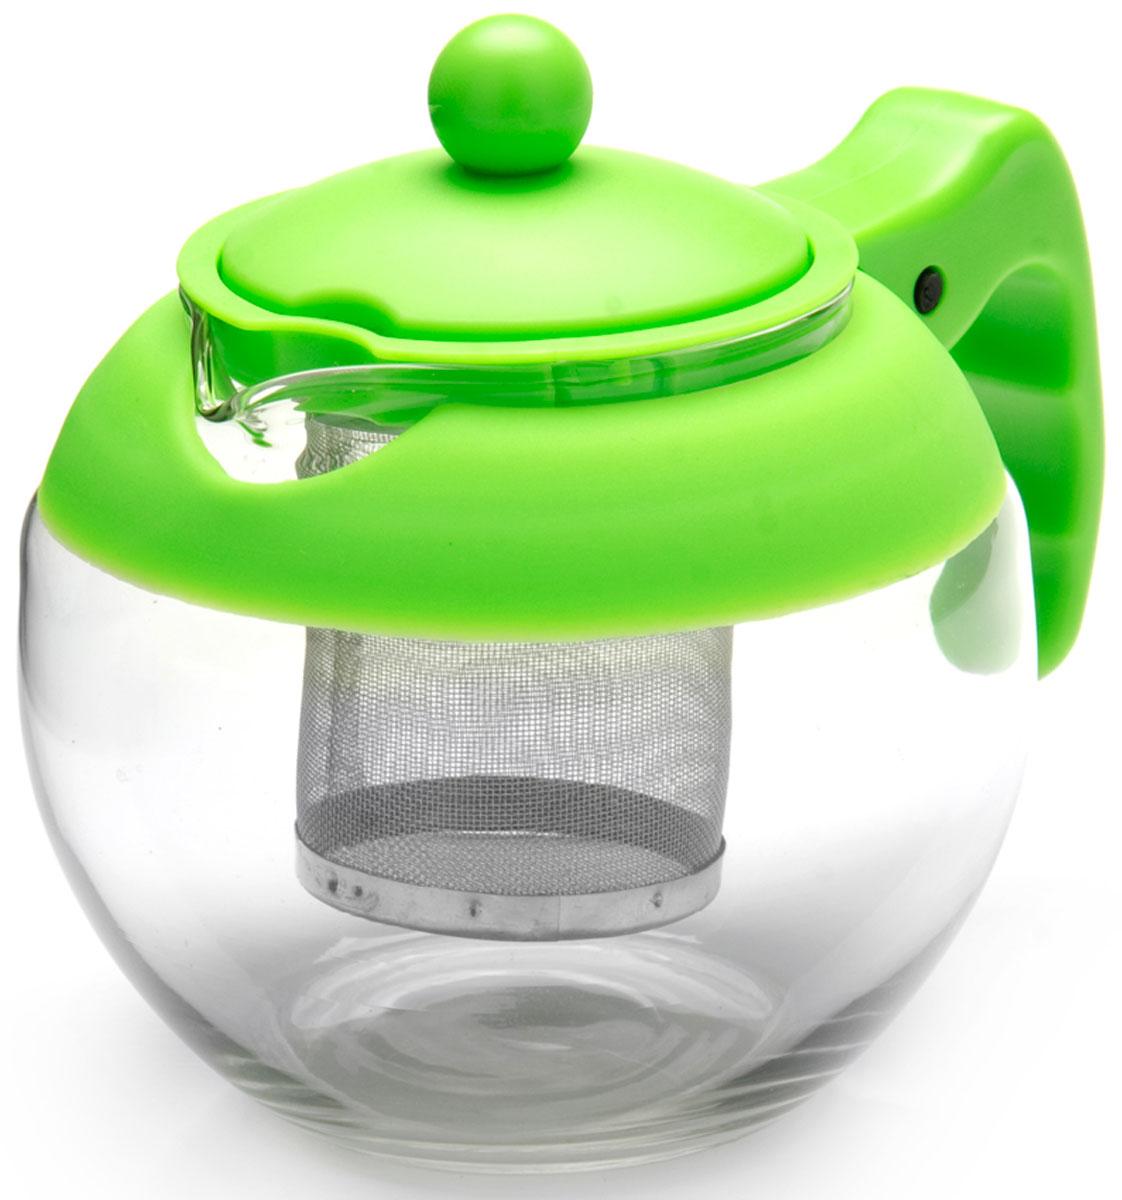 Чайник заварочный Mayer & Boch, с фильтром, цвет: зеленый, 0,75 л. 26174-3VT-1520(SR)Заварочный чайник Mayer & Boch изготовлен из термостойкого боросиликатного стекла, фильтр выполнен из нержавеющей стали. Изделия из стекла не впитывают запахи, благодаря чему вы всегда получите натуральный, насыщенный вкус и аромат напитков. Заварочный чайник из стекла удобно использовать для повседневного заваривания чая практически любого сорта. Но цветочные, фруктовые, красные и желтые сорта чая лучше других раскрывают свой вкус и аромат при заваривании именно в стеклянных чайниках, а также сохраняют все полезные ферменты и витамины, содержащиеся в чайных листах. Стальной фильтр гарантирует прозрачность и чистоту напитка от чайных листьев, при этом сохранив букет и насыщенность чая.Прозрачные стенки чайника дают возможность насладиться насыщенным цветом заваренного чая. Изящный заварочный чайник Mayer & Boch будет прекрасно смотреться в любом интерьере. Подходит для мытья в посудомоечной машине.